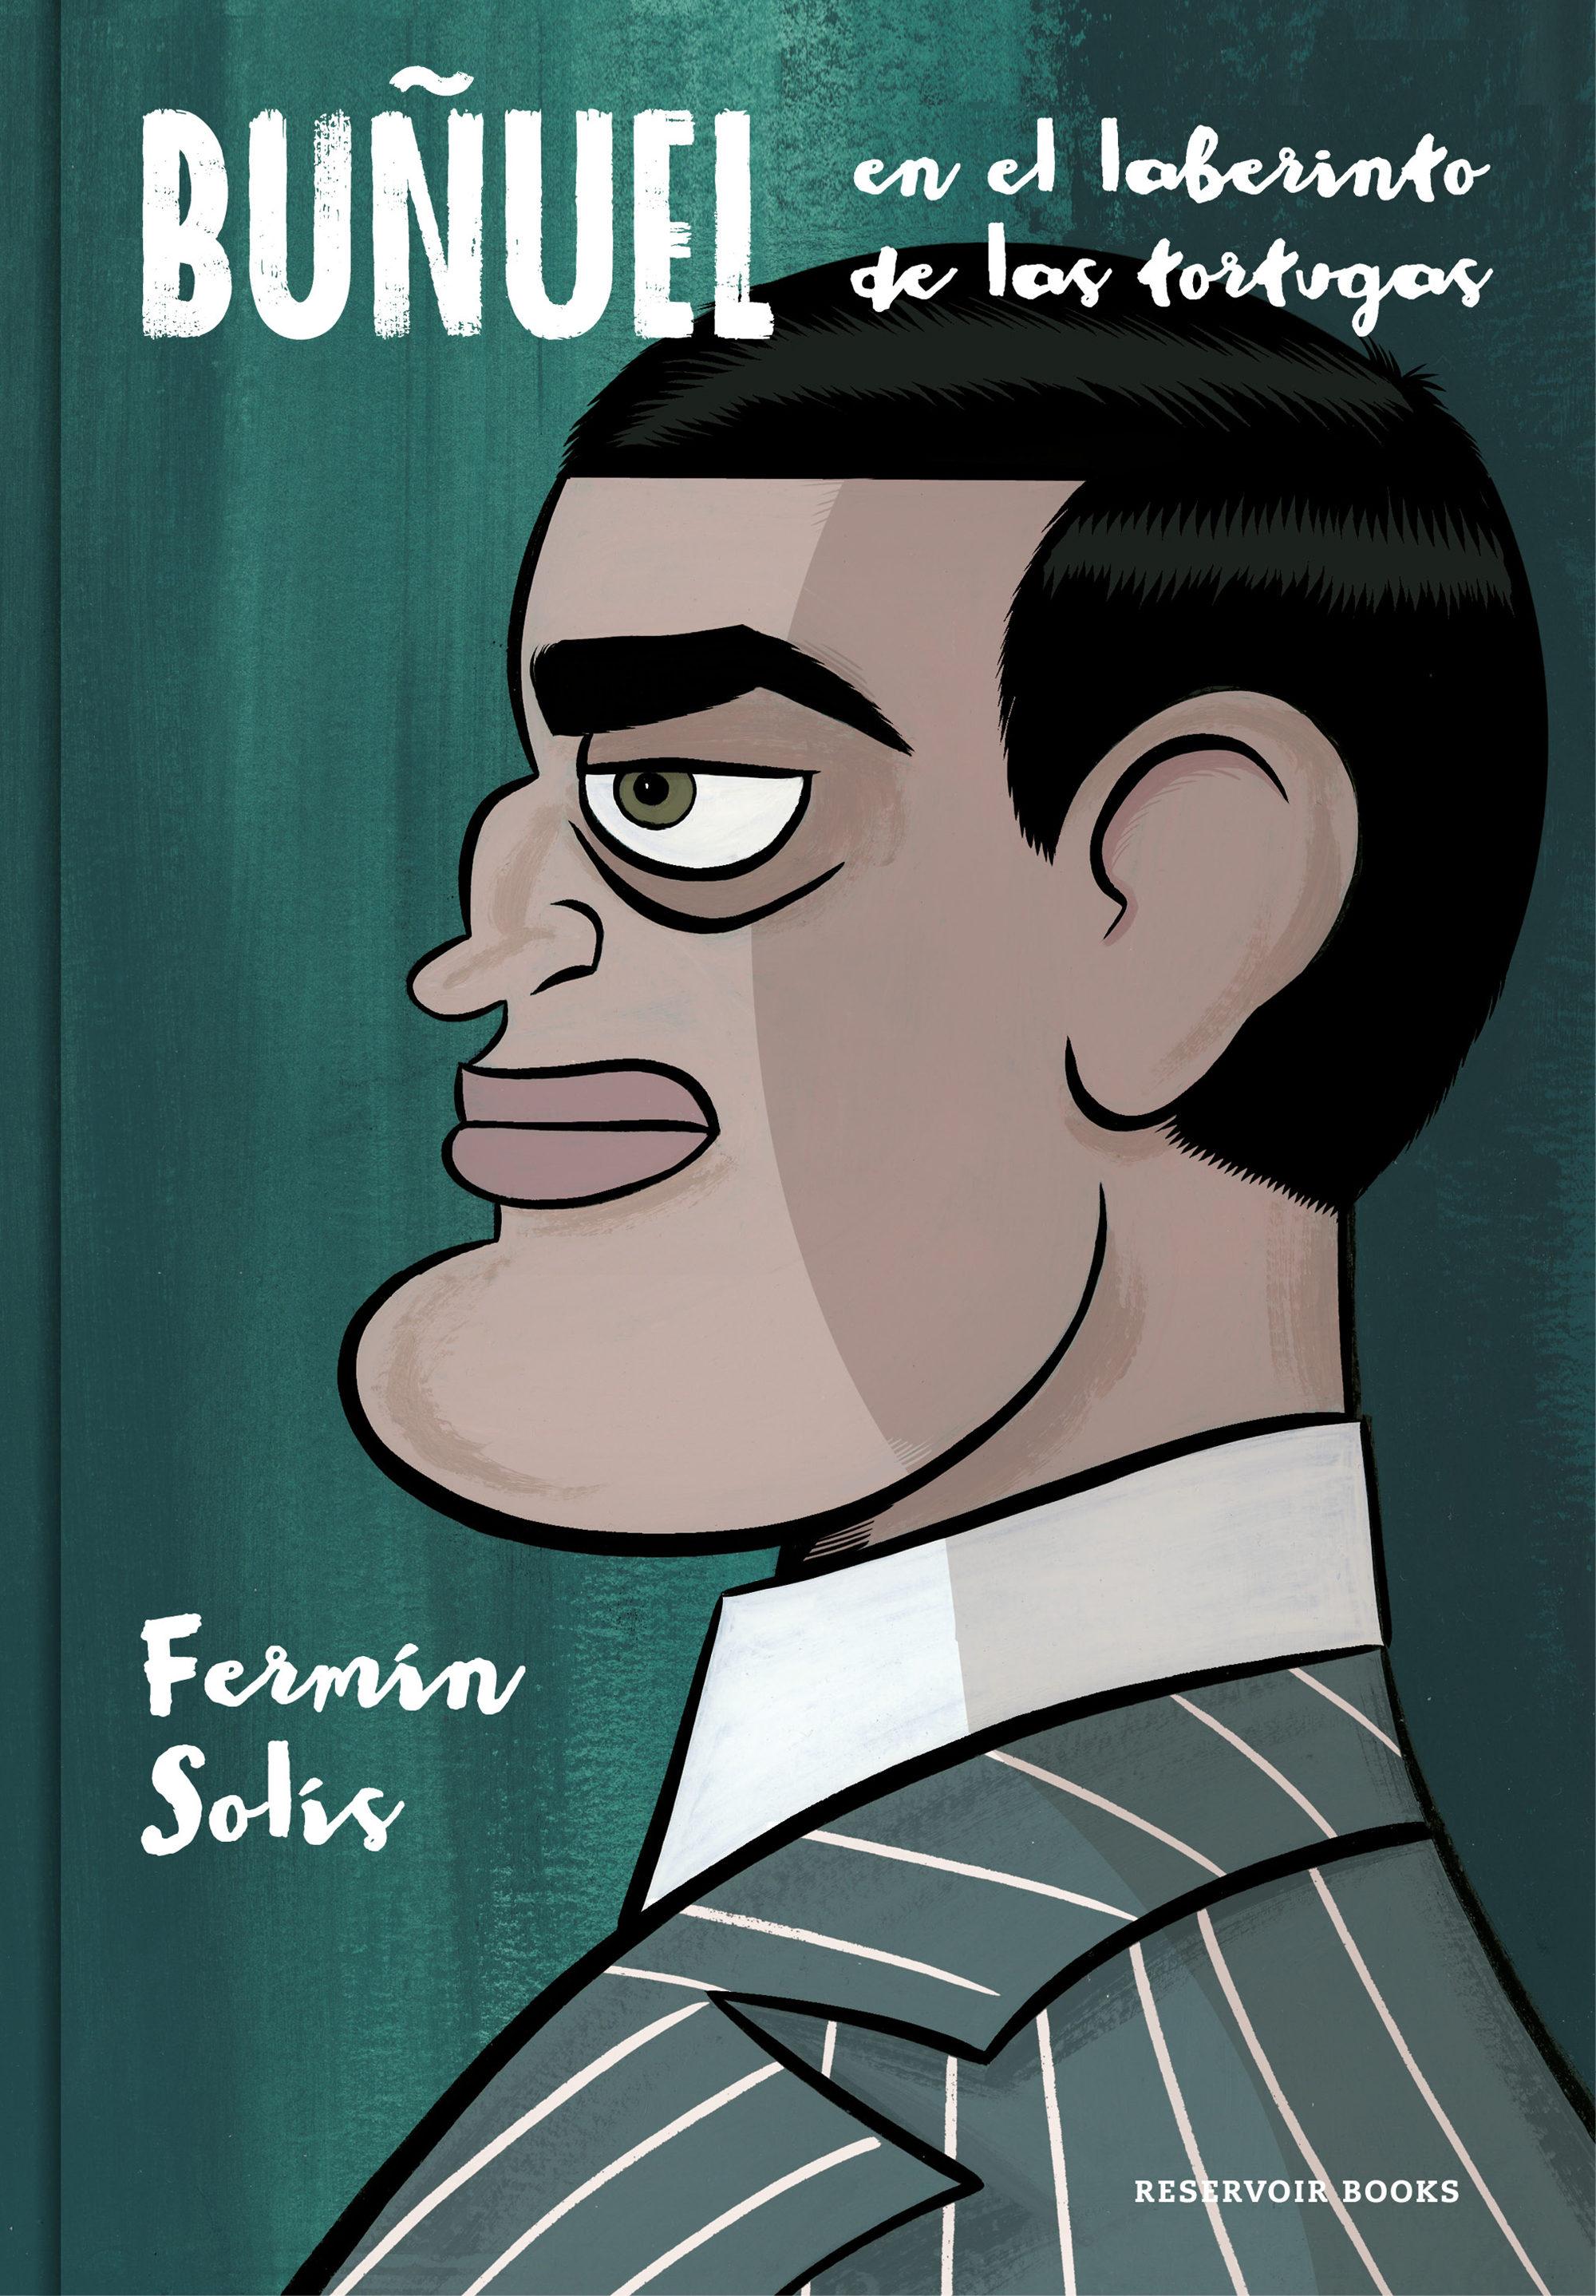 «BUÑUEL EN EL LABERINTO DE LAS TORTUGAS (Comic) de Fermín Solís